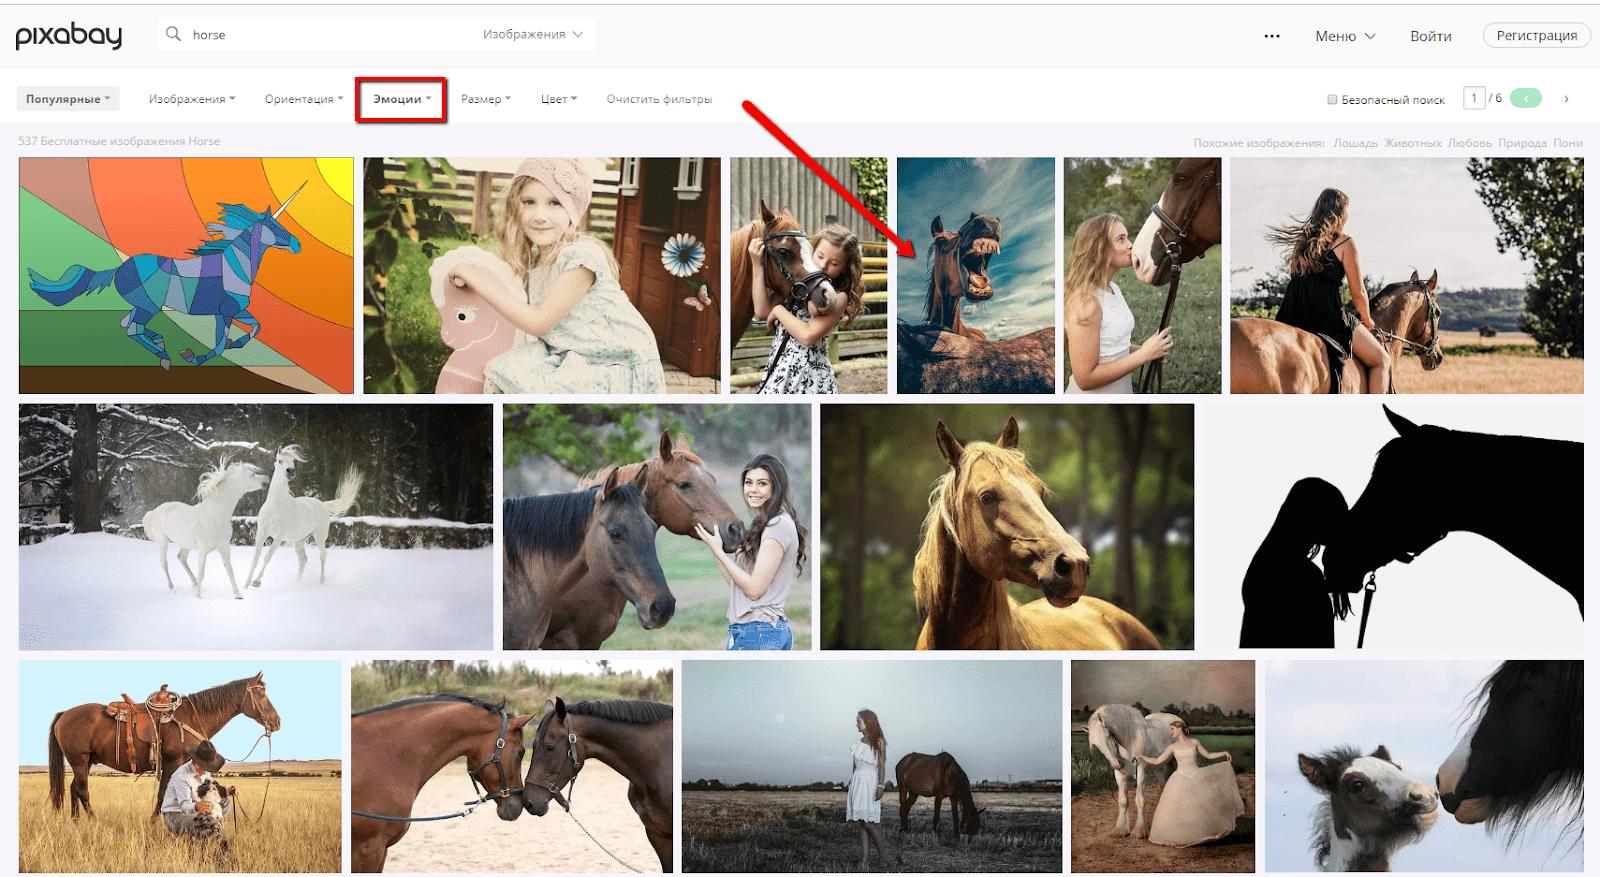 Очень приличная подборка снимков по запросу «лошадь» в категории «Эмоции». Теперь понятно, откуда появилось выражение «ржать, как лошадь» :)